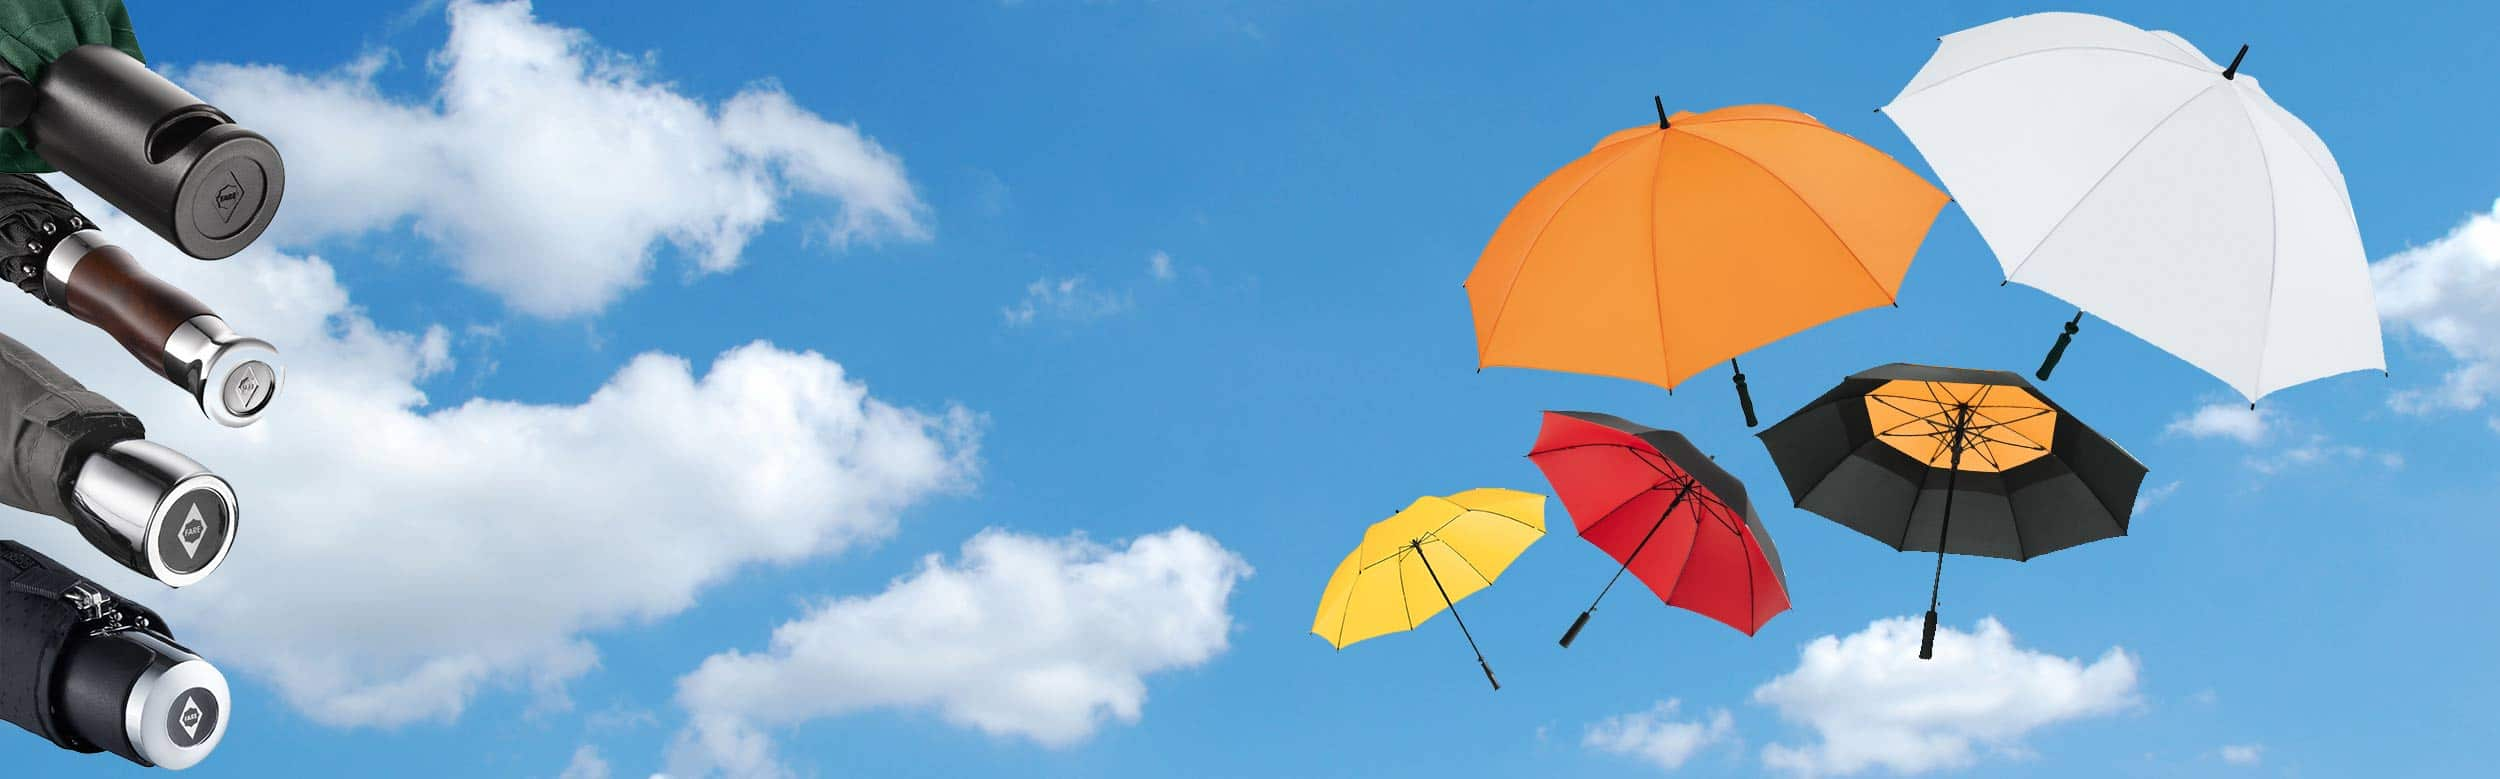 Bild Regenschirme